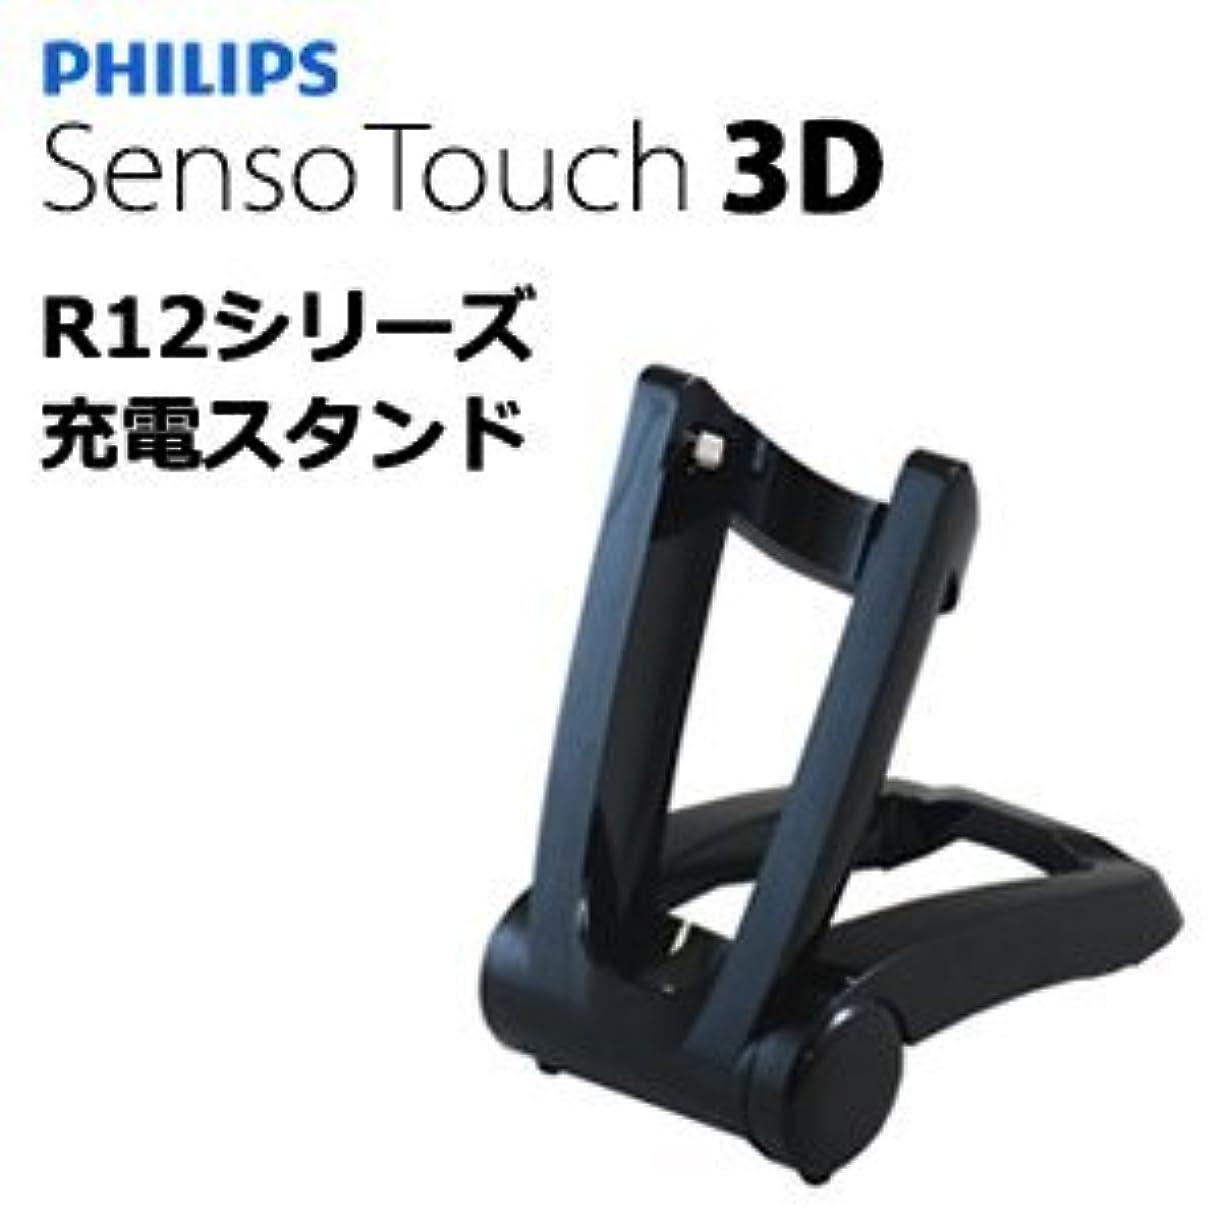 ローズ壁紙シェルターPHILIPS 電動シェーバー Senso Touch 3D RQ12シリーズ 充電器 チャージャースタンド フィリップス センソタッチ シリーズ 携帯 充電器 チャージャー スタンド